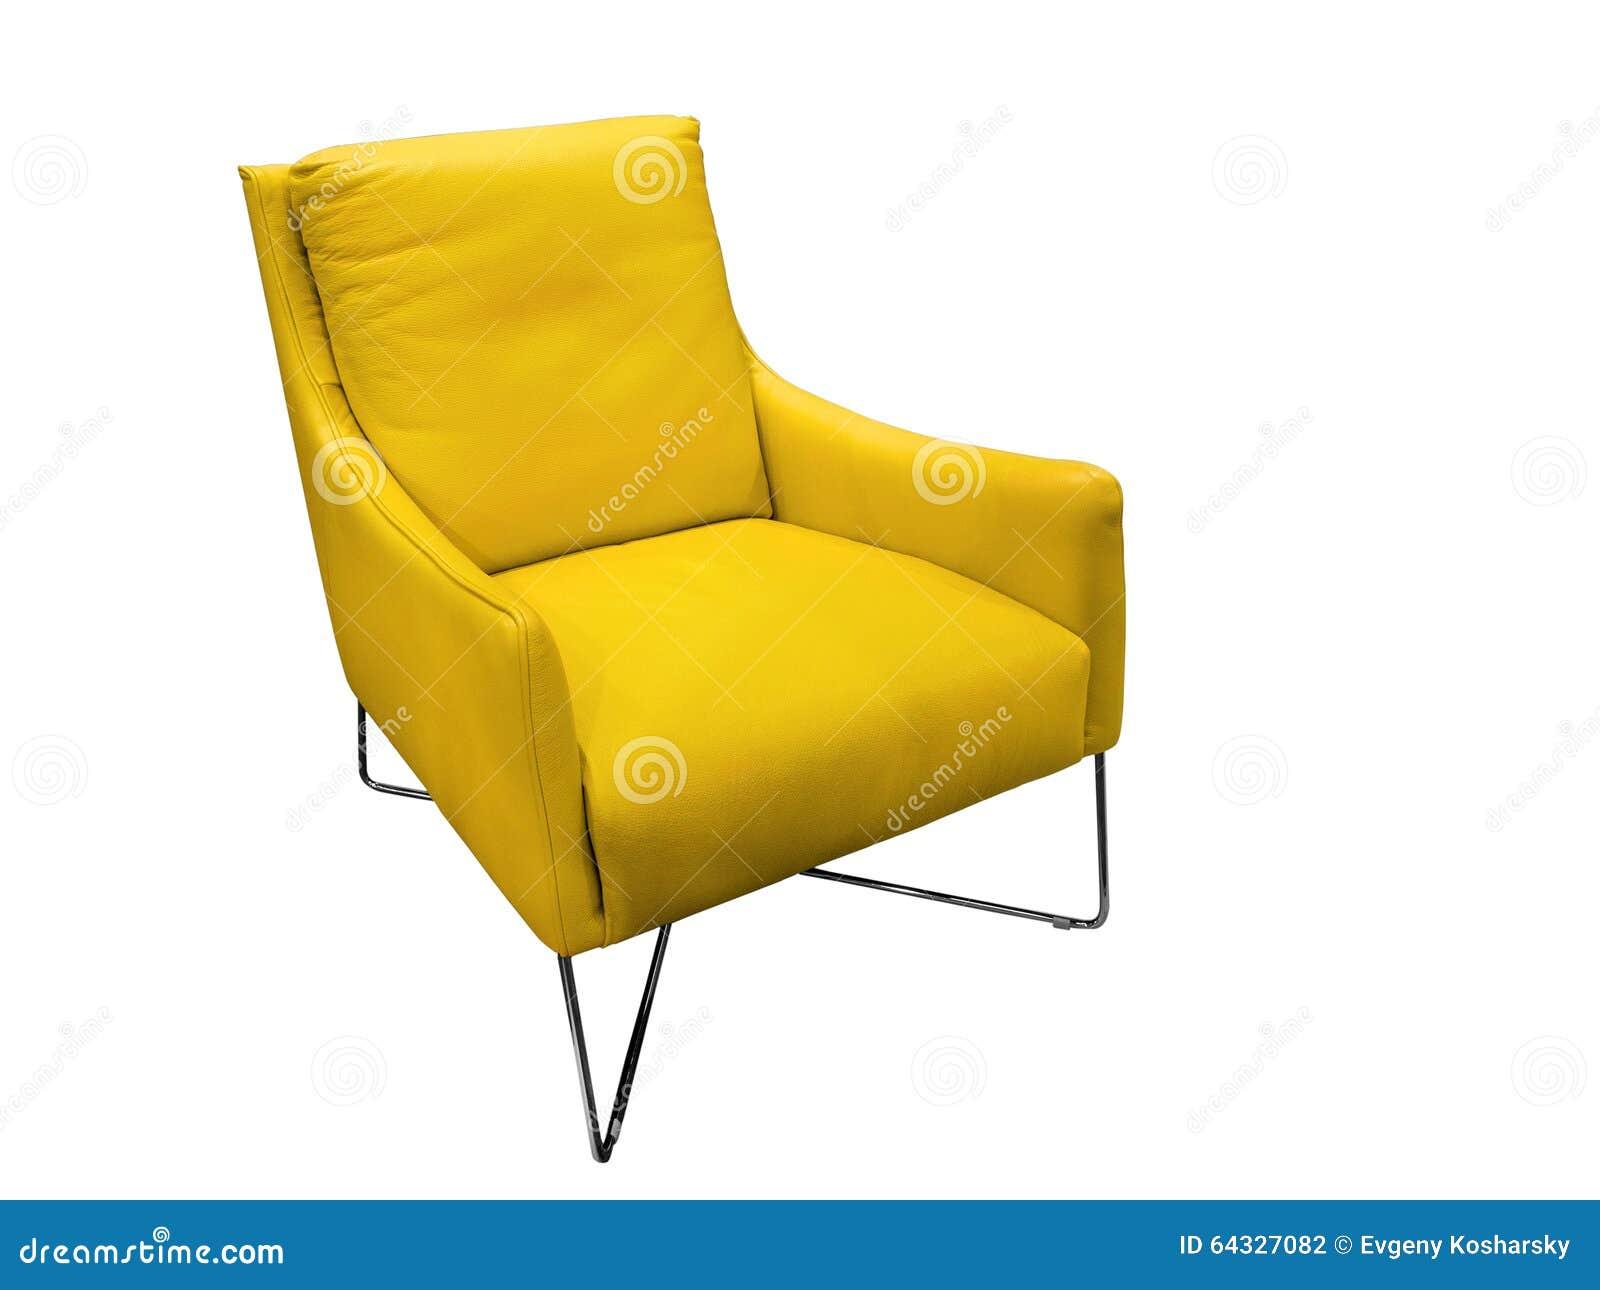 Läderfåtöljer : Modern gul läderfåtölj arkivfoto bild